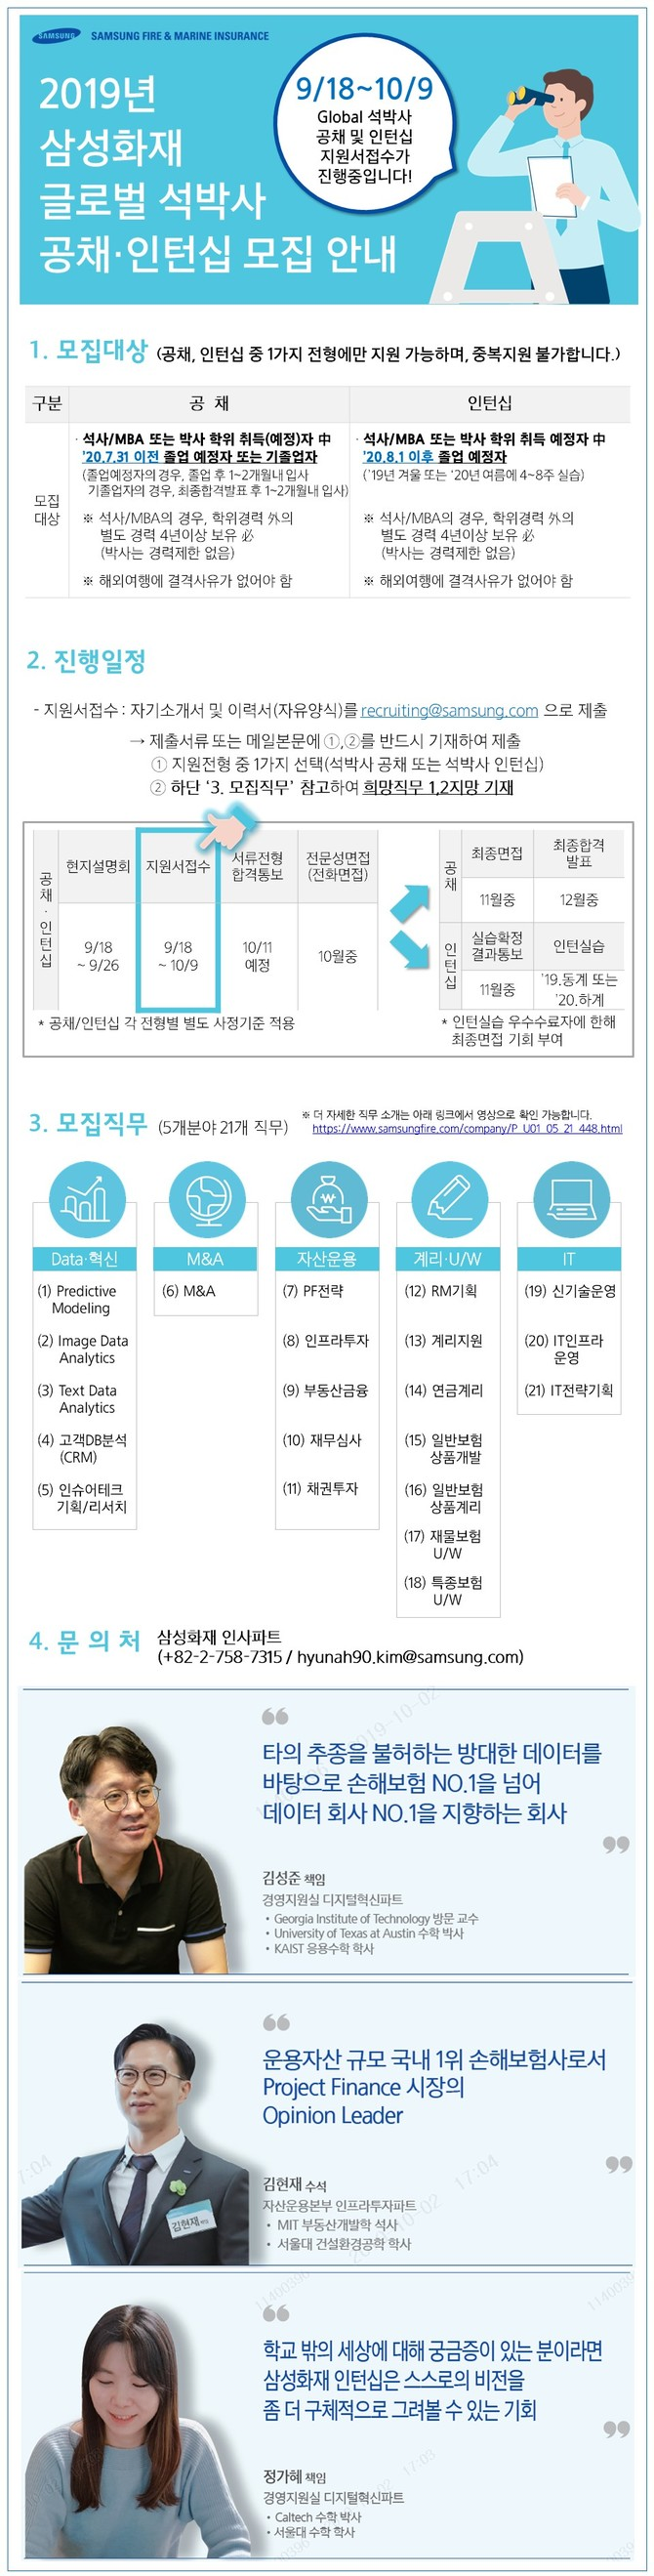 [삼성화재]2019년 글로벌 석박사 공채 및 인턴십 모집 안내_마감기한연장.jpg